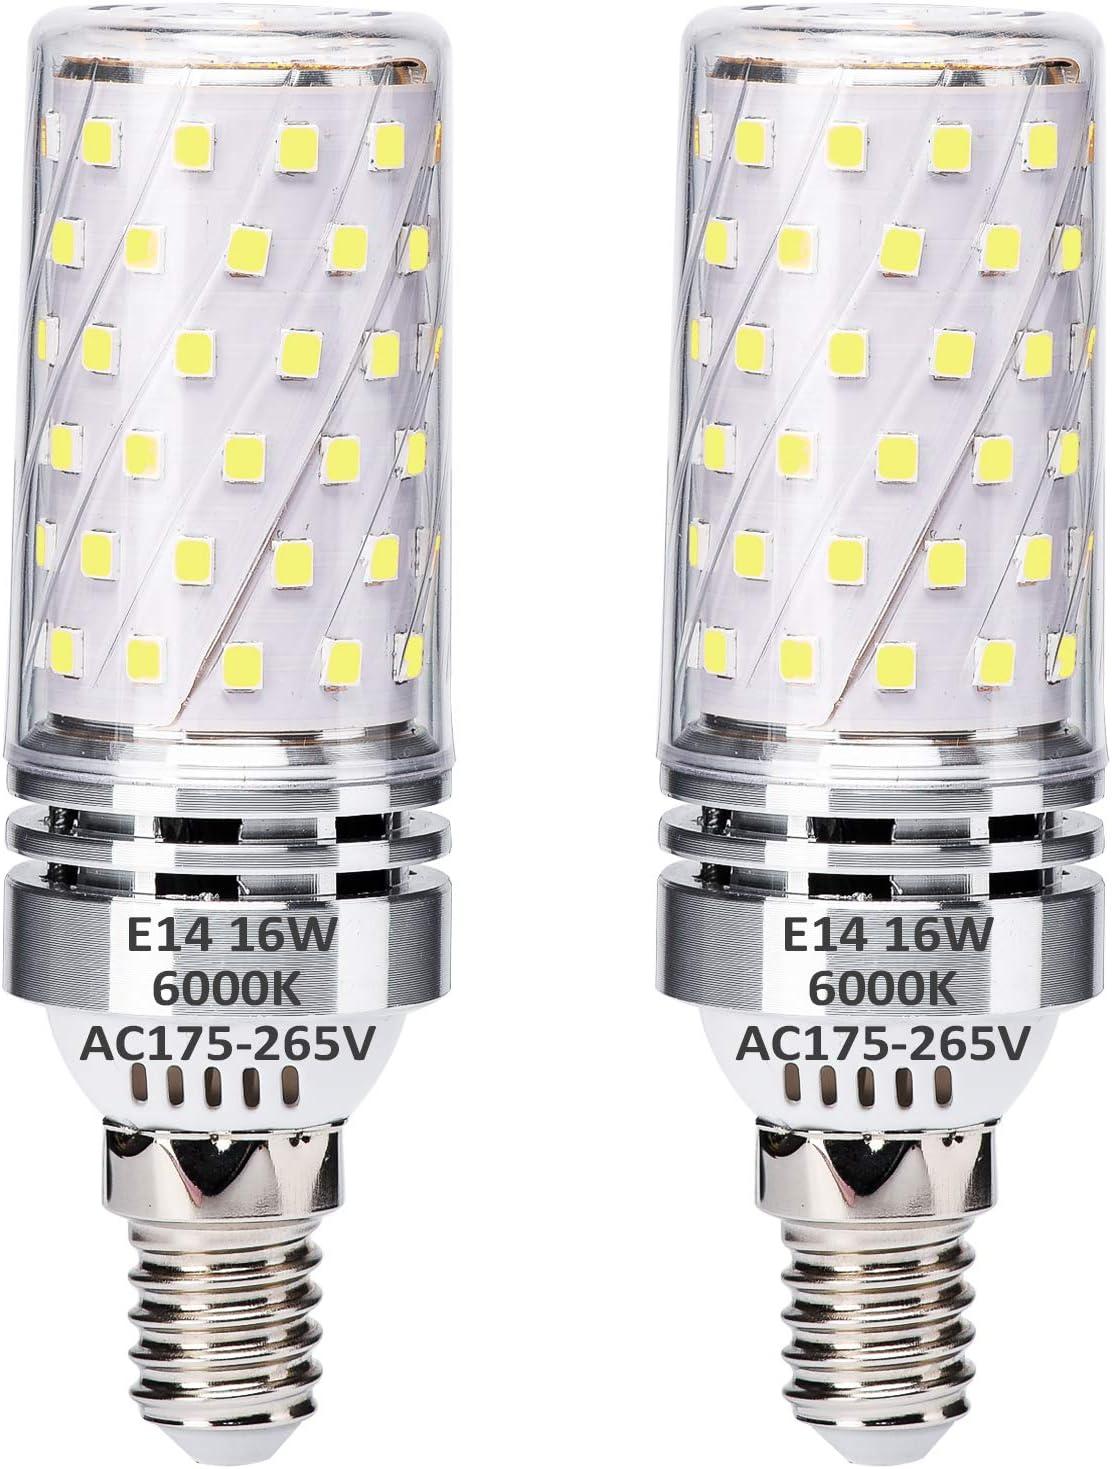 E14 LED Maíz Bombillas 16W Blanco Frío 6000K Equivalente a 120W Bombillas halógenas, E14 El ahorro de energía Bombilla, sin parpadeo, sin atenuación, 1400LM, CA 175-265V, paquete de 2